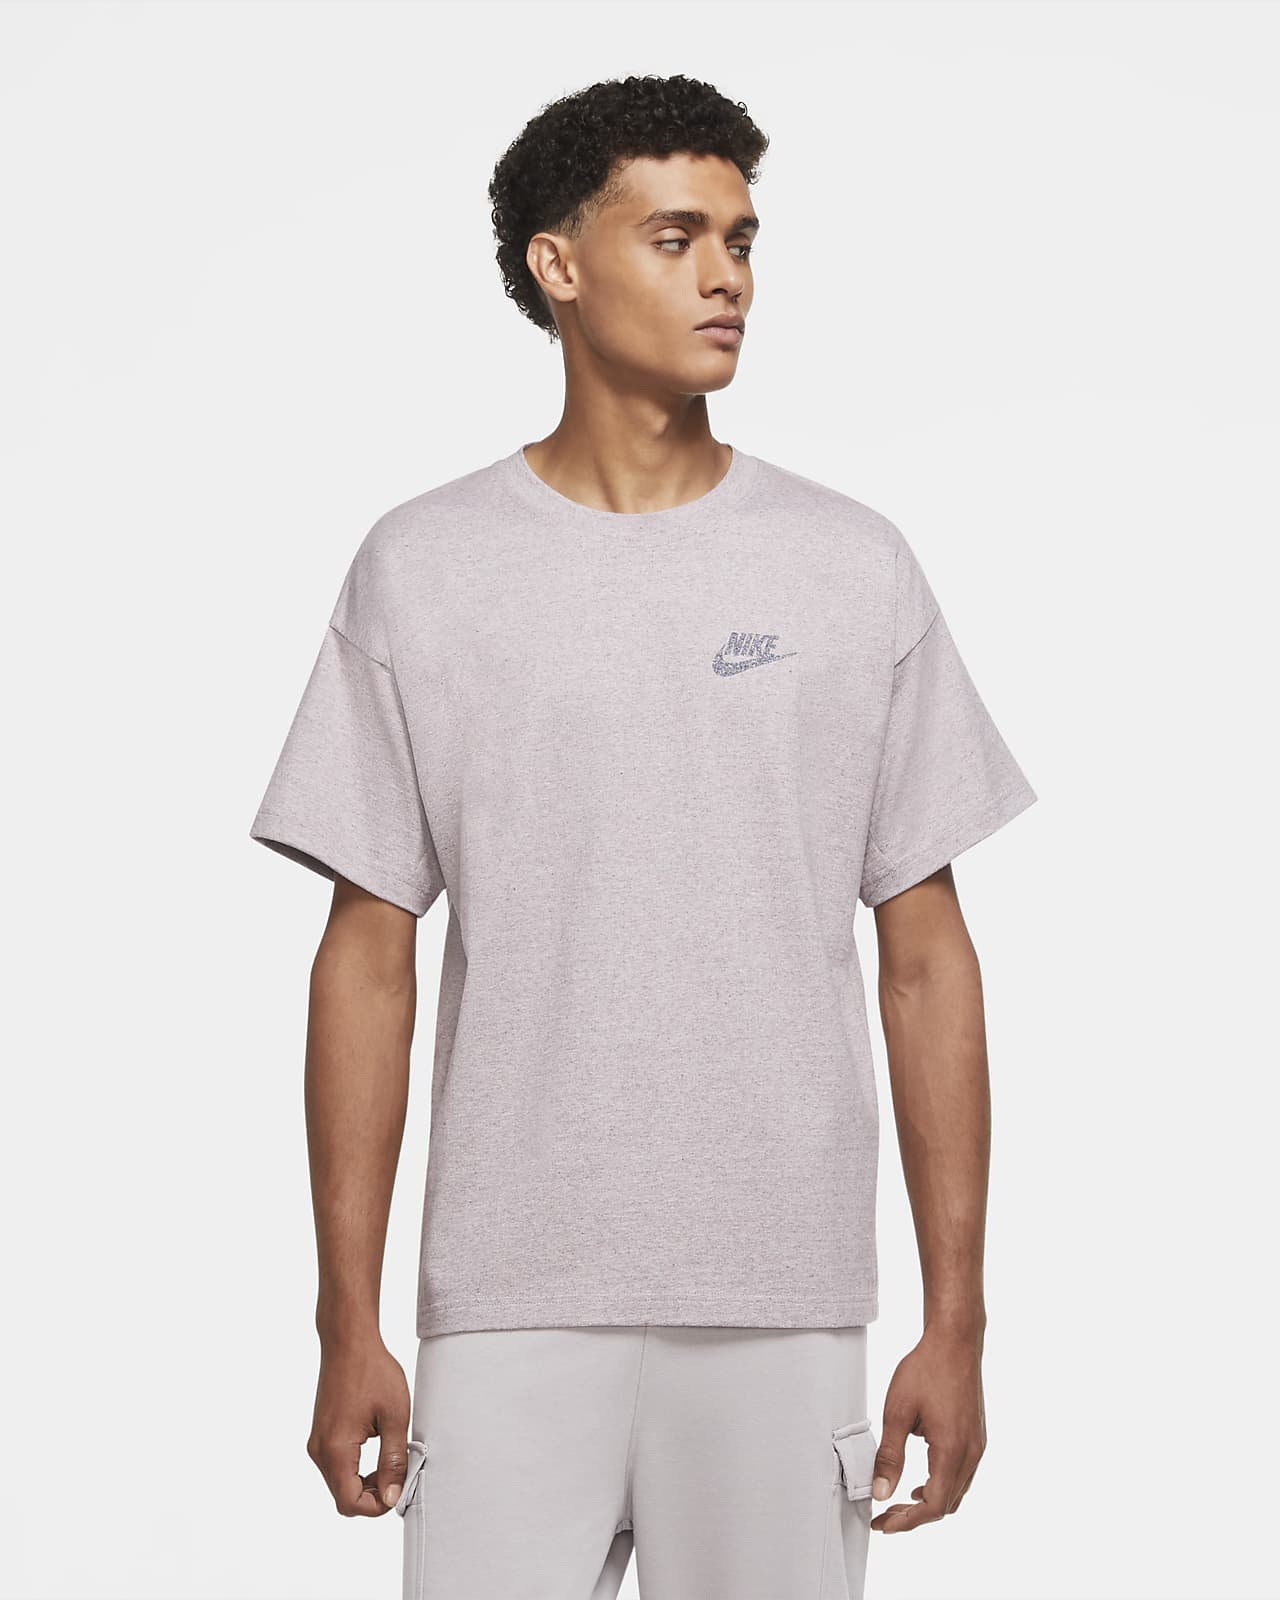 เสื้อแขนสั้นผู้ชาย Nike Sportswear